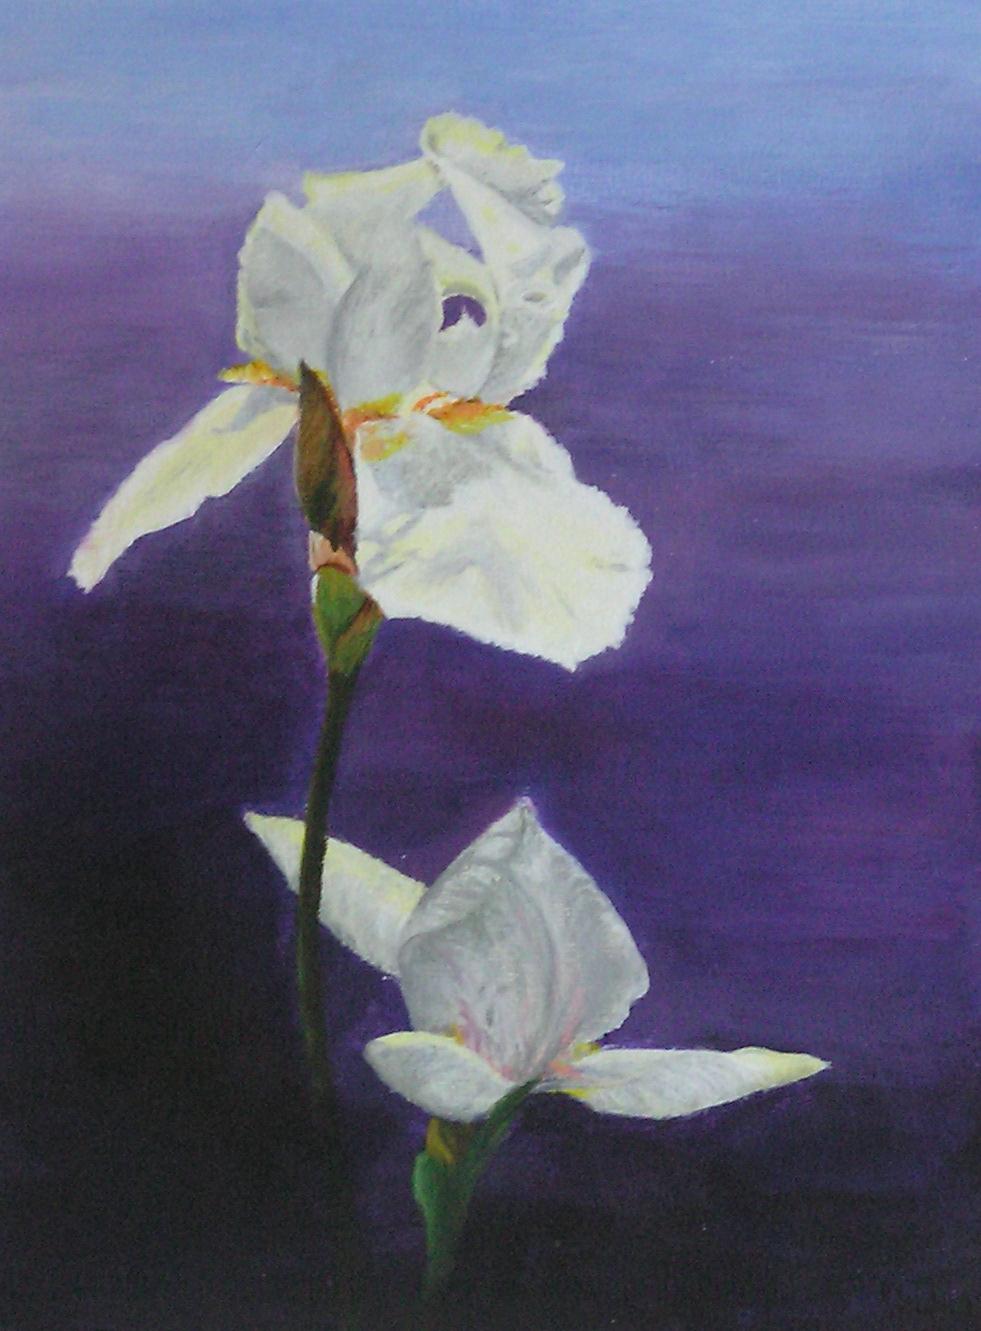 Lilien im Licht I (40 x 50)